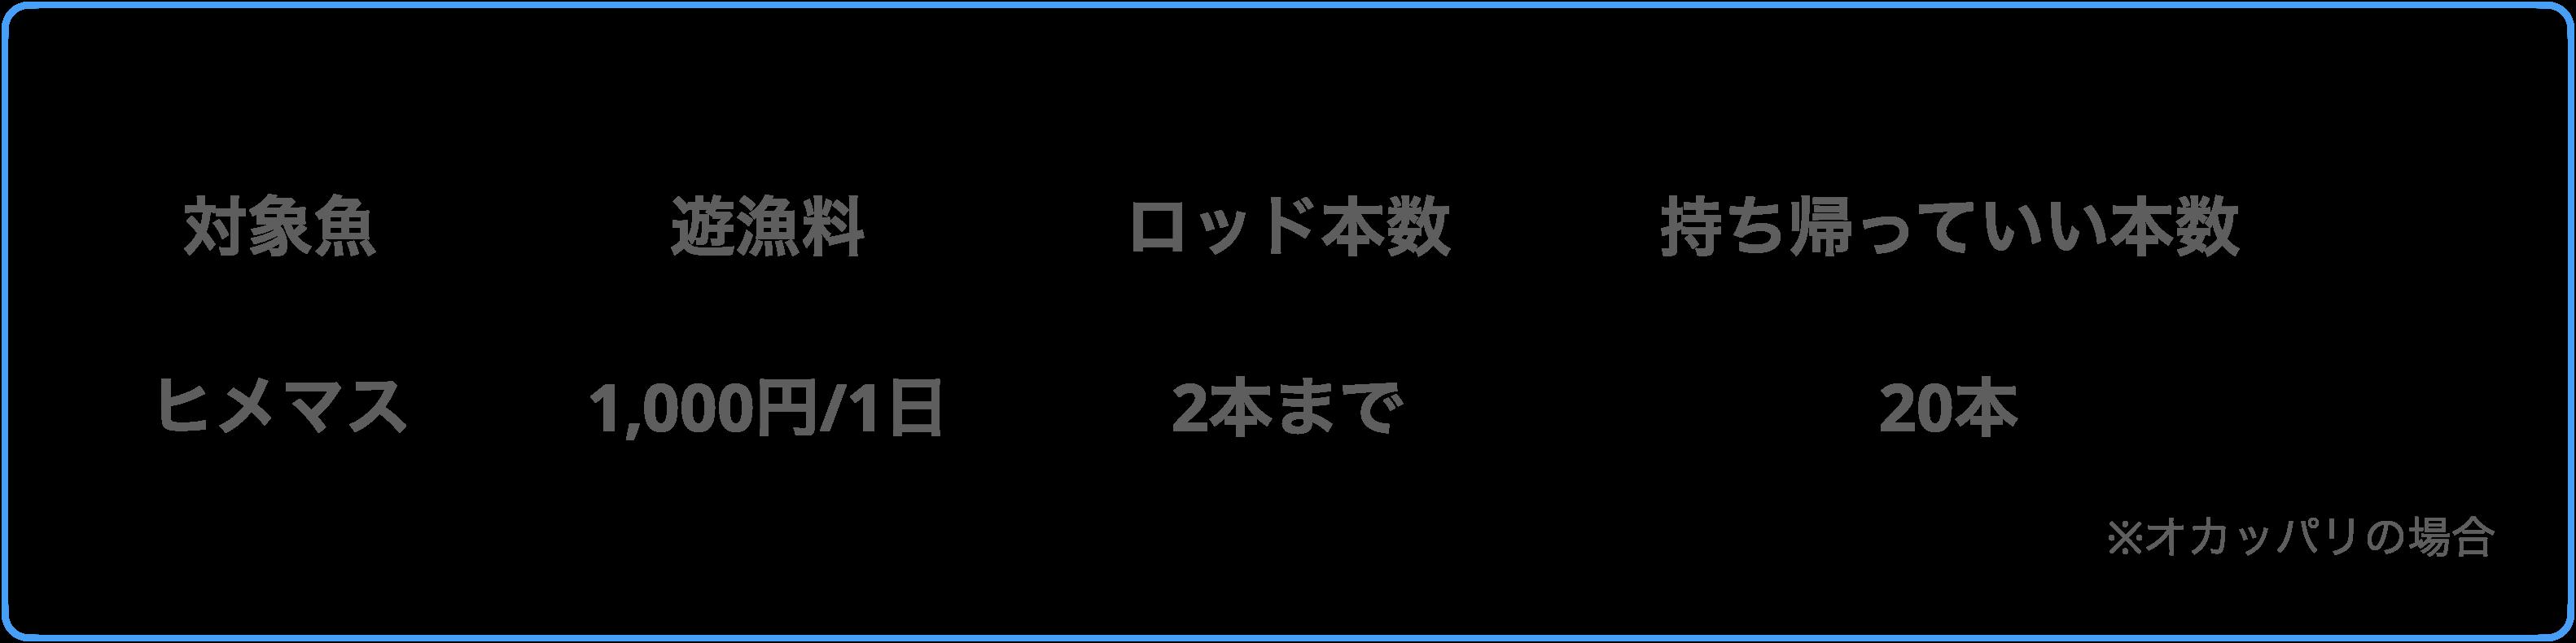 十和田湖のルール